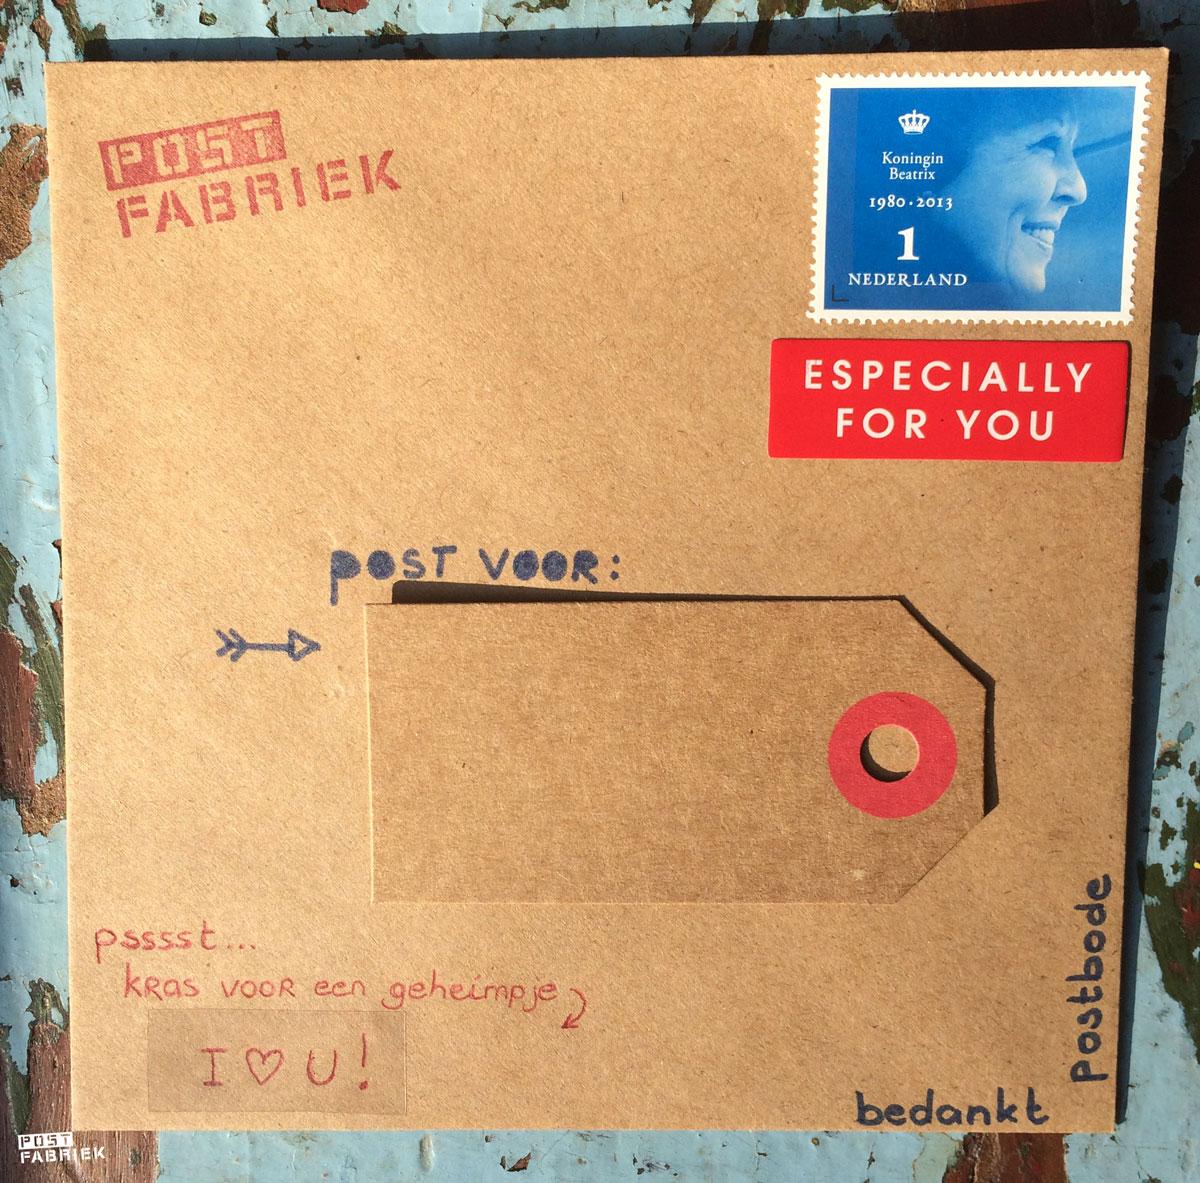 Enveloppe met lief berichtje verstopt